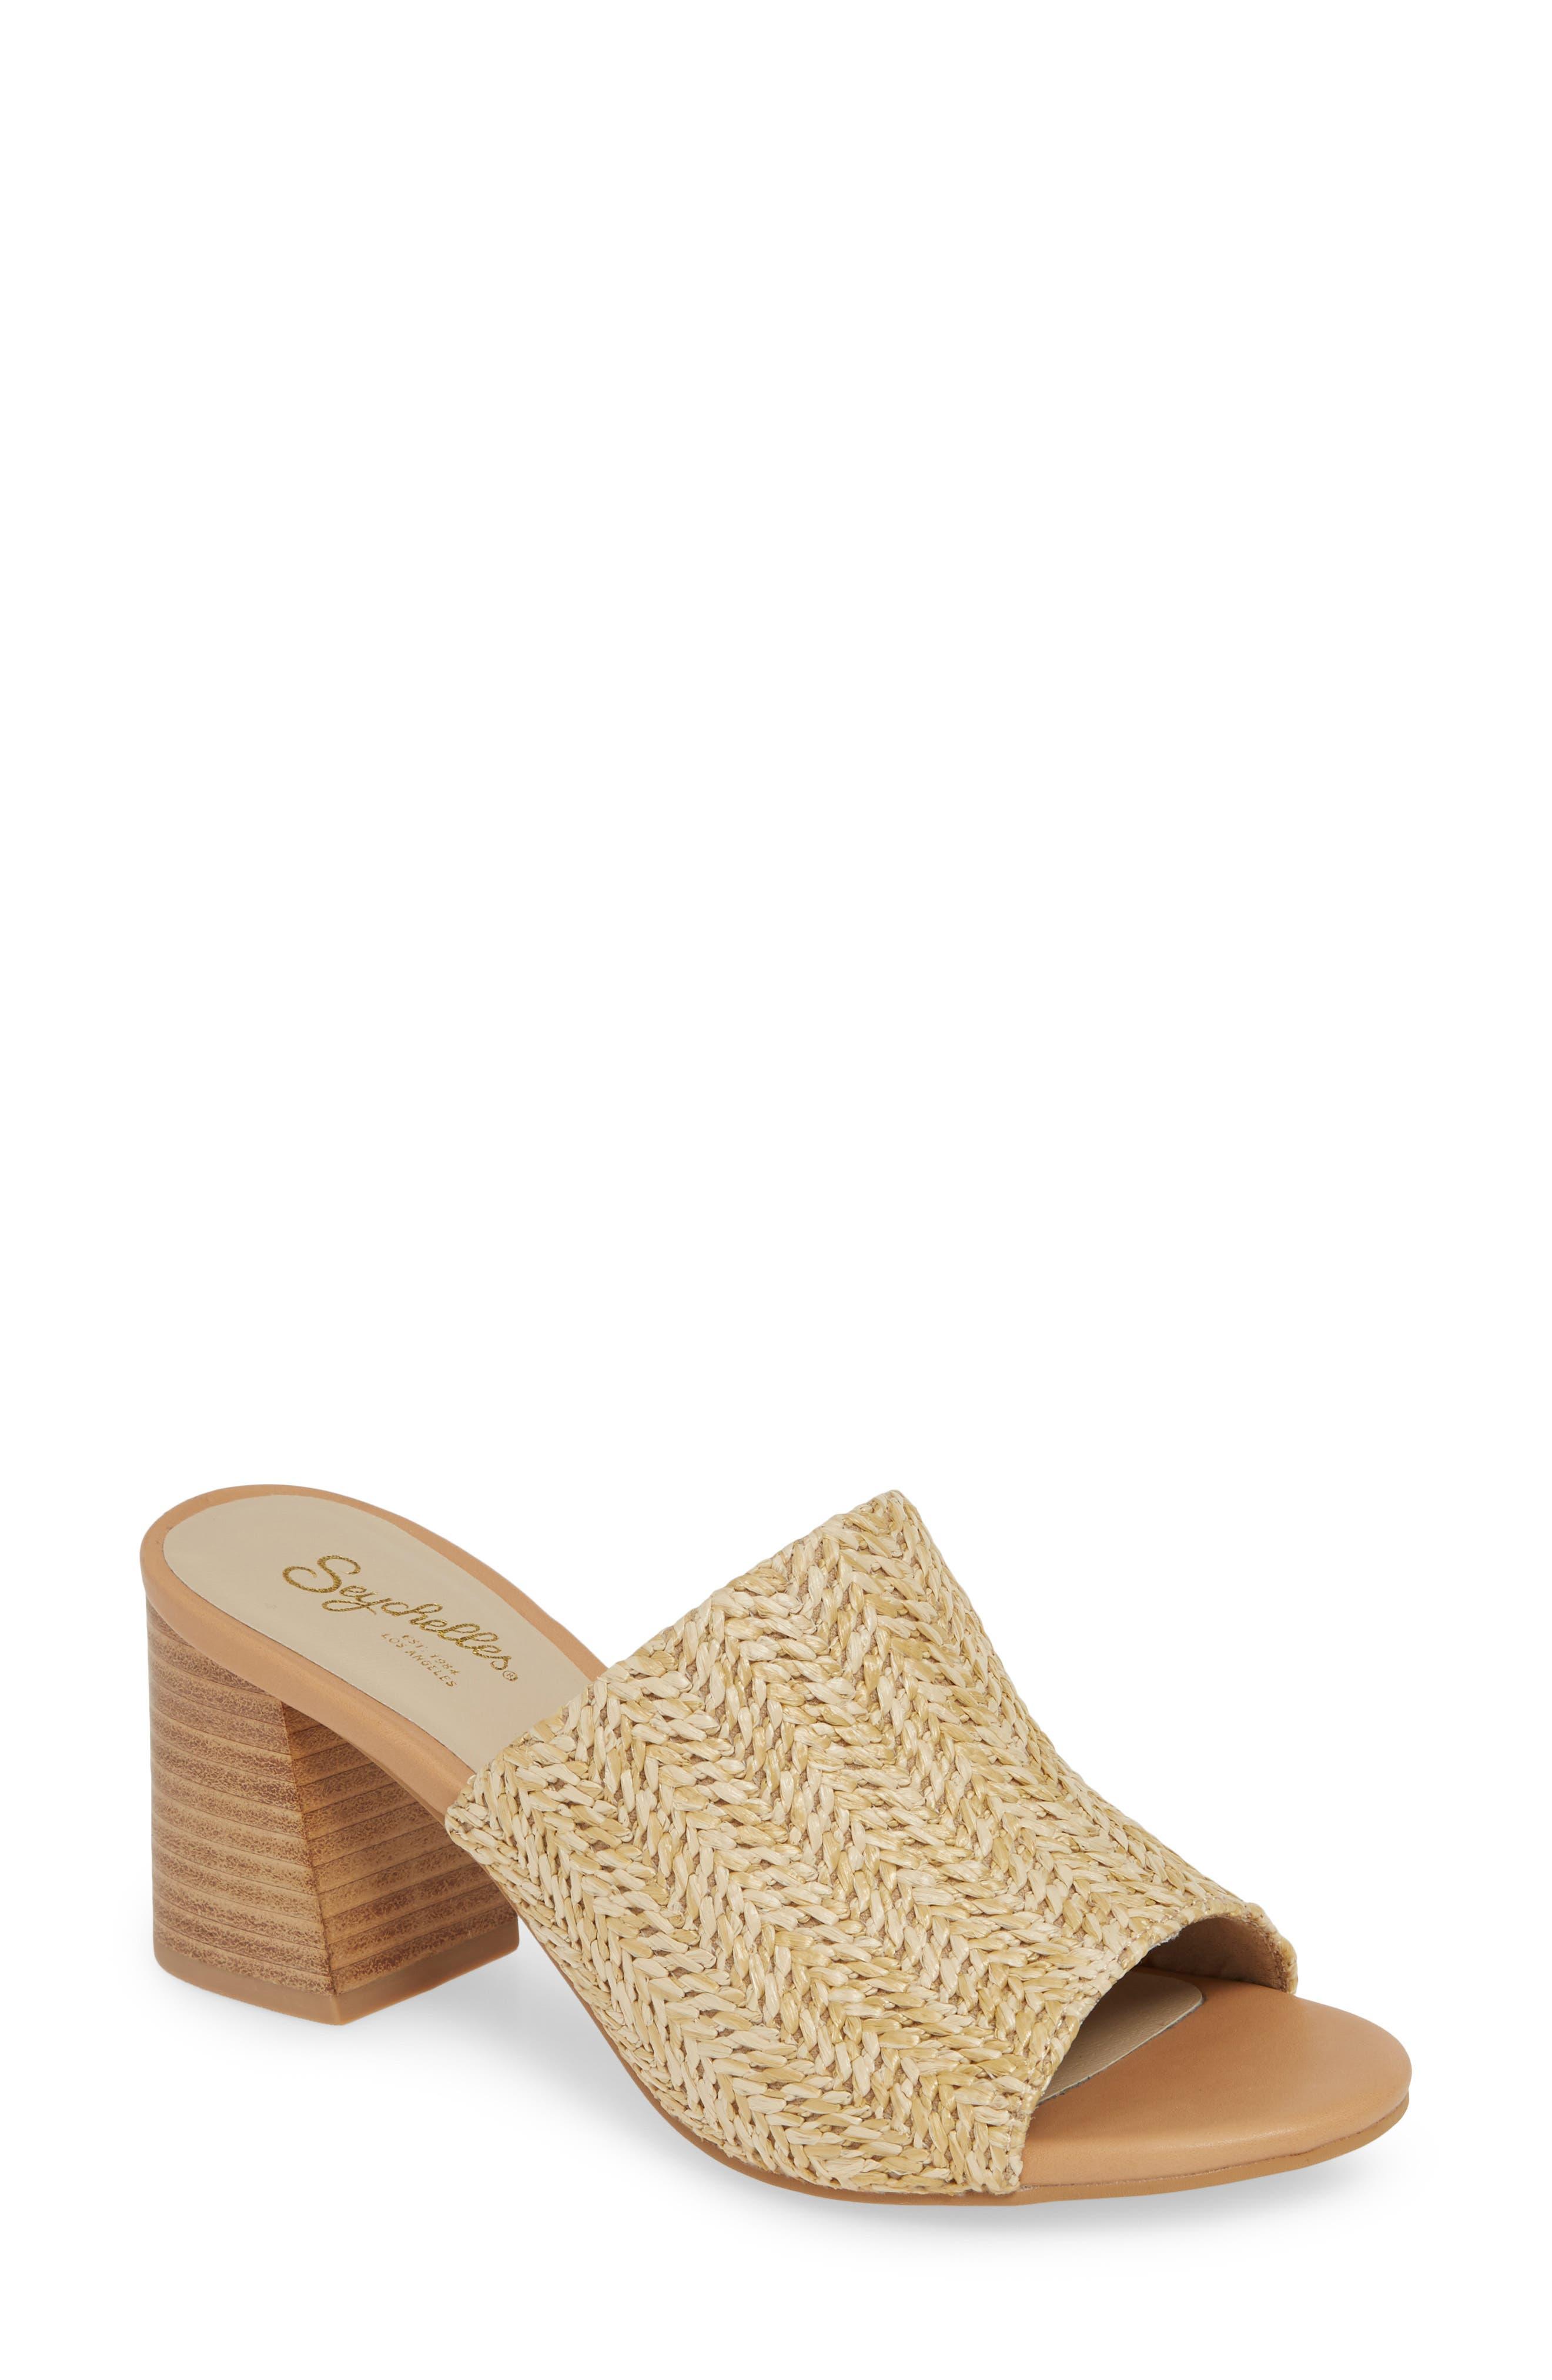 6de0b0e1f87 Seychelles Shoes